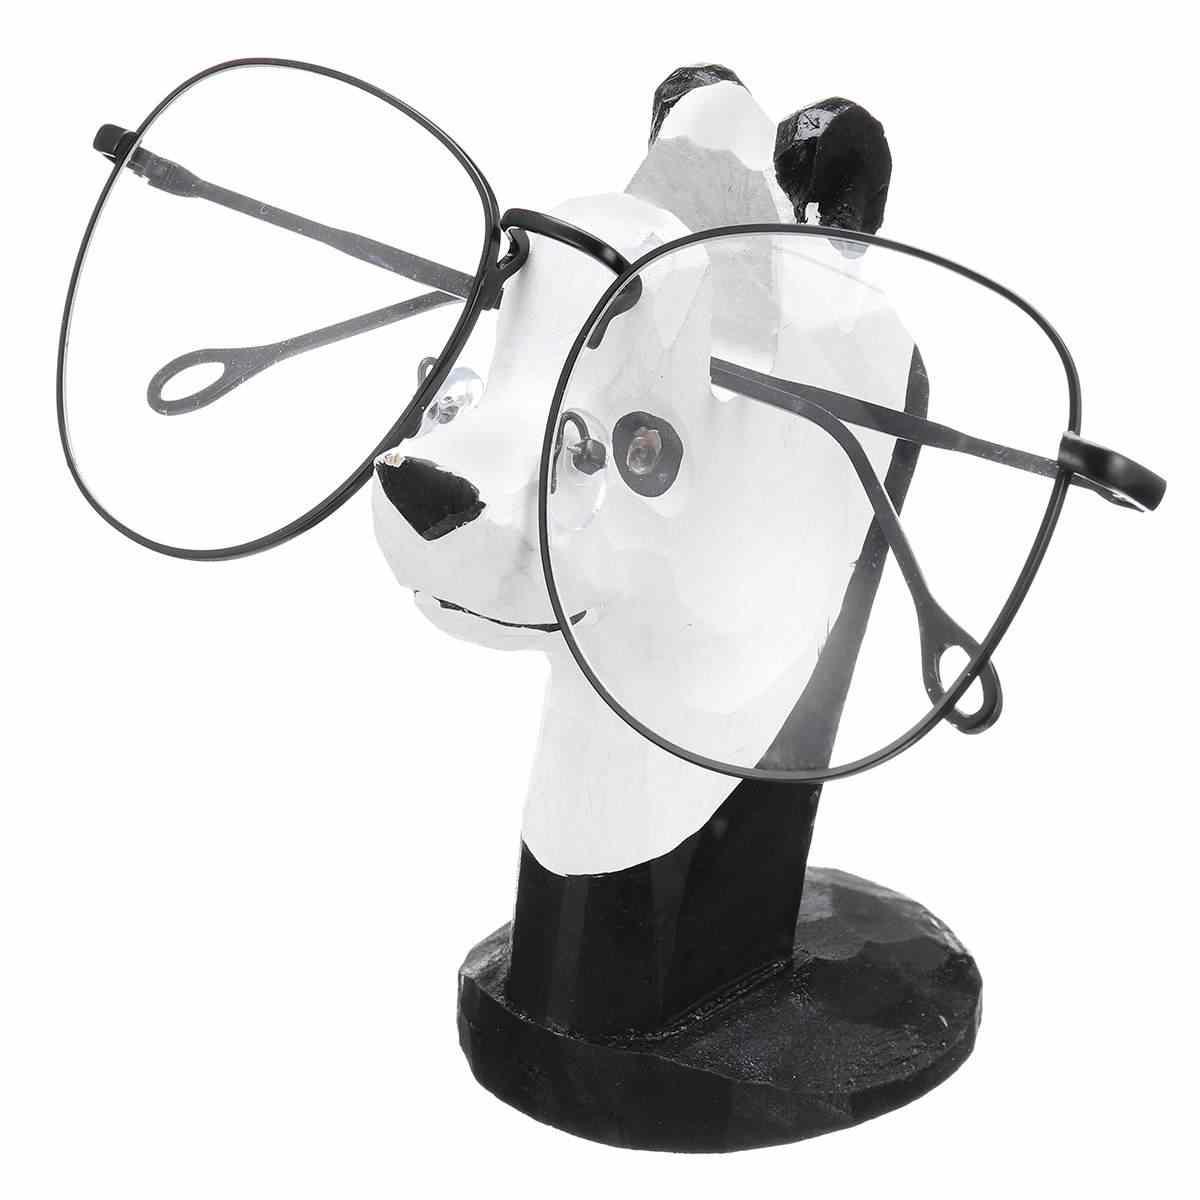 3d животный деревянный резной стеллаж для солнцезащитных очков полка для очков демонстрационная подставка держатель для ювелирных изделий для